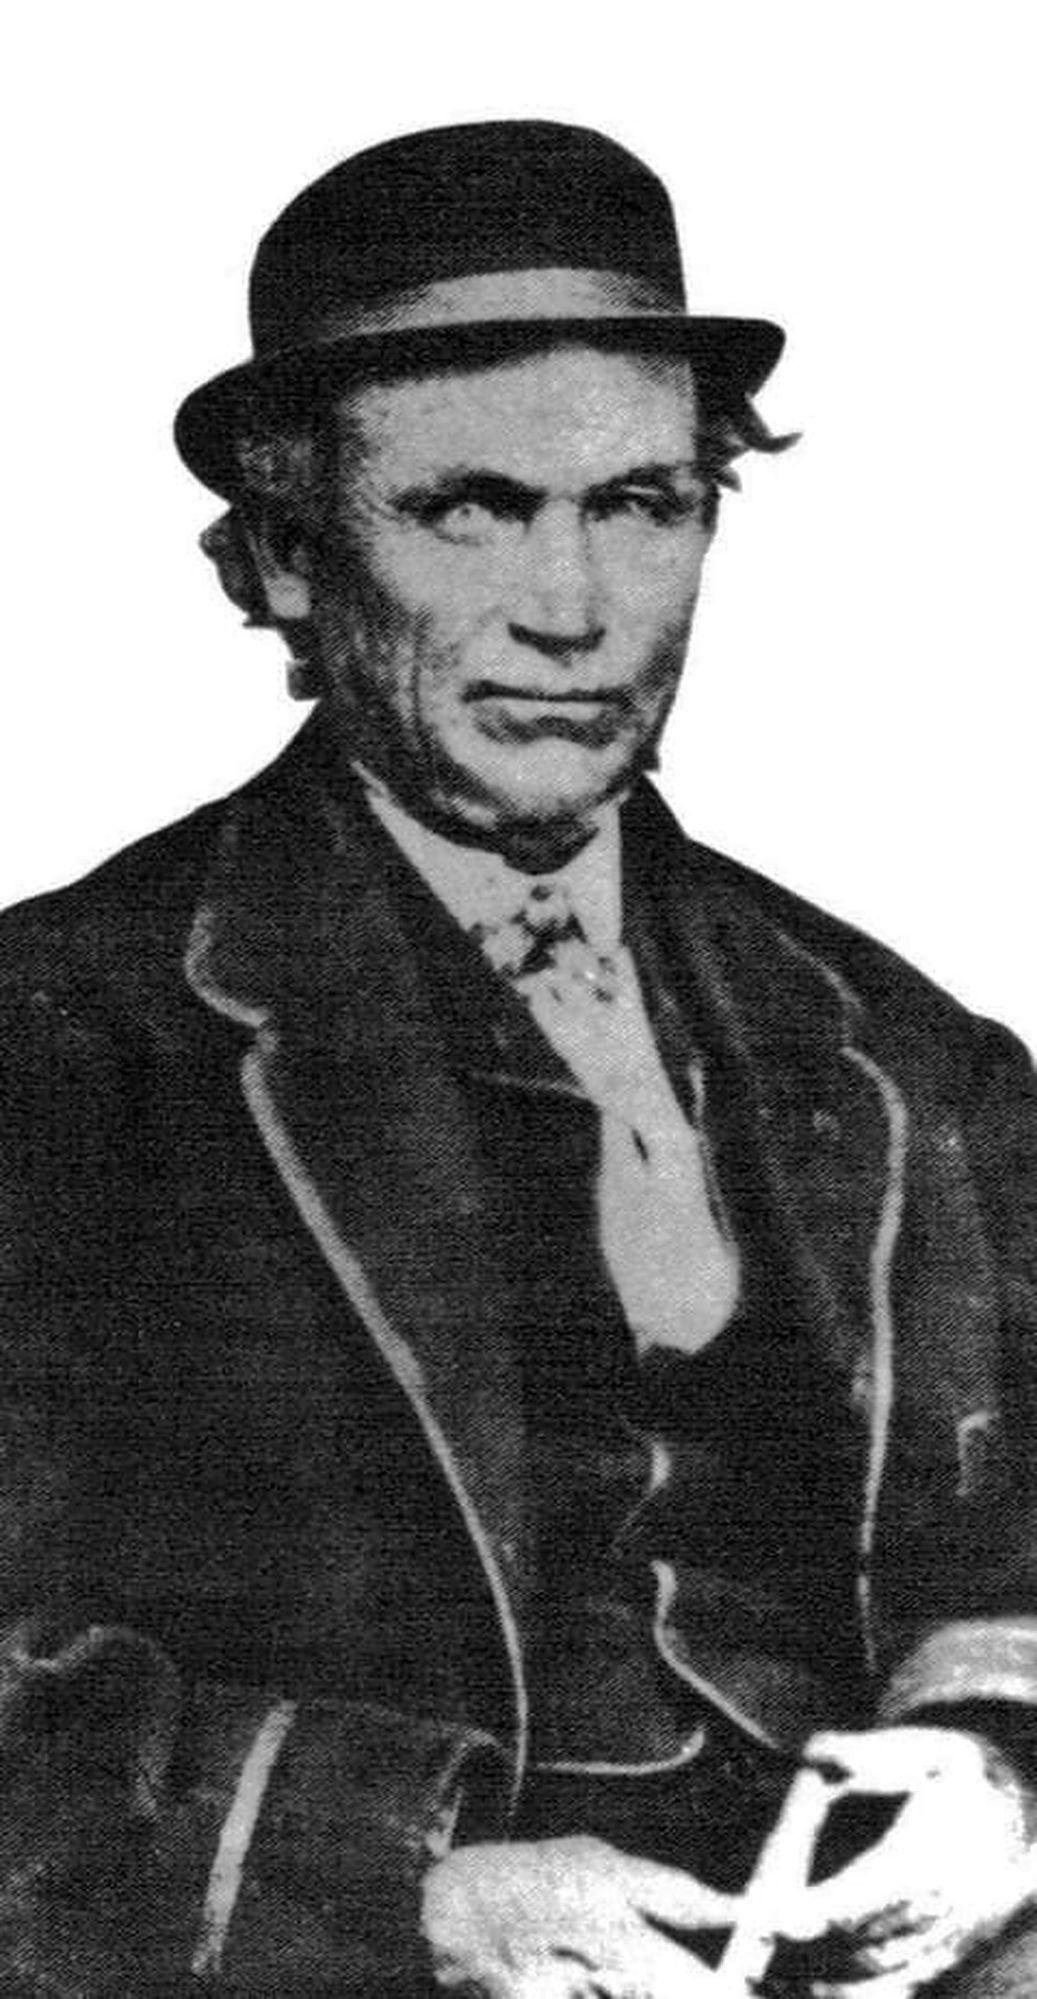 Truman Wilder